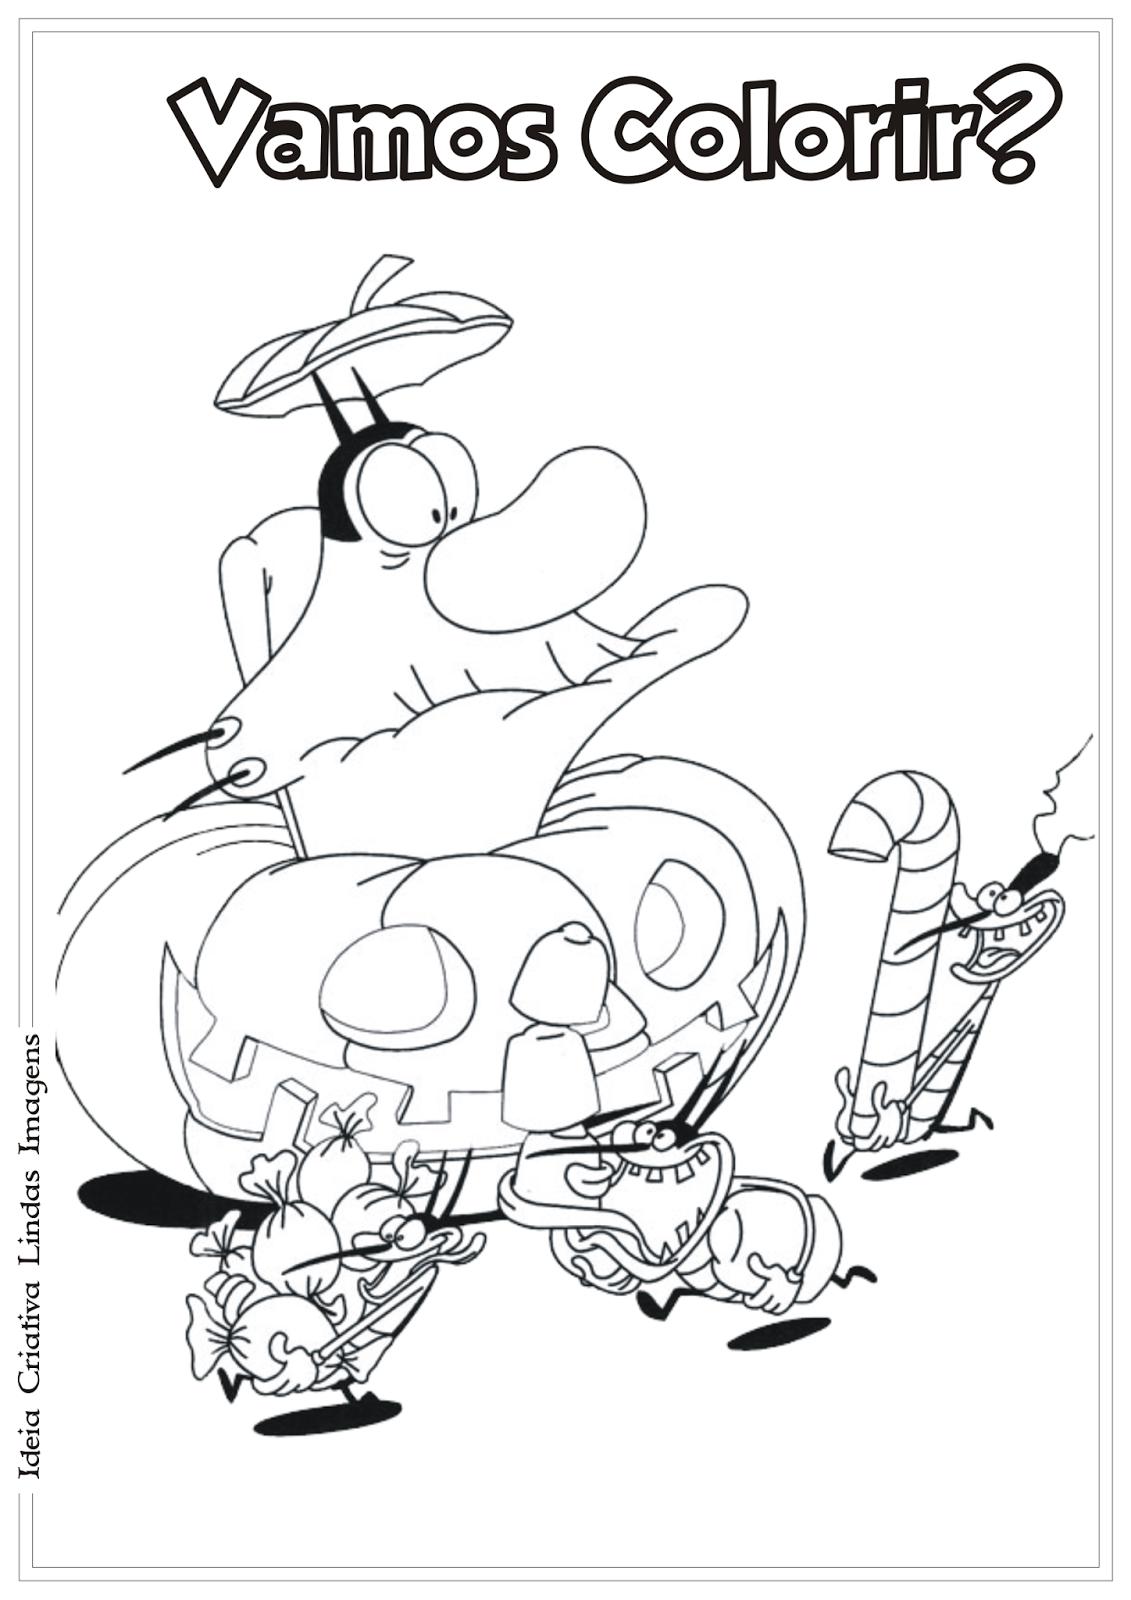 Oggy e as baratas tontas desenho para colorir